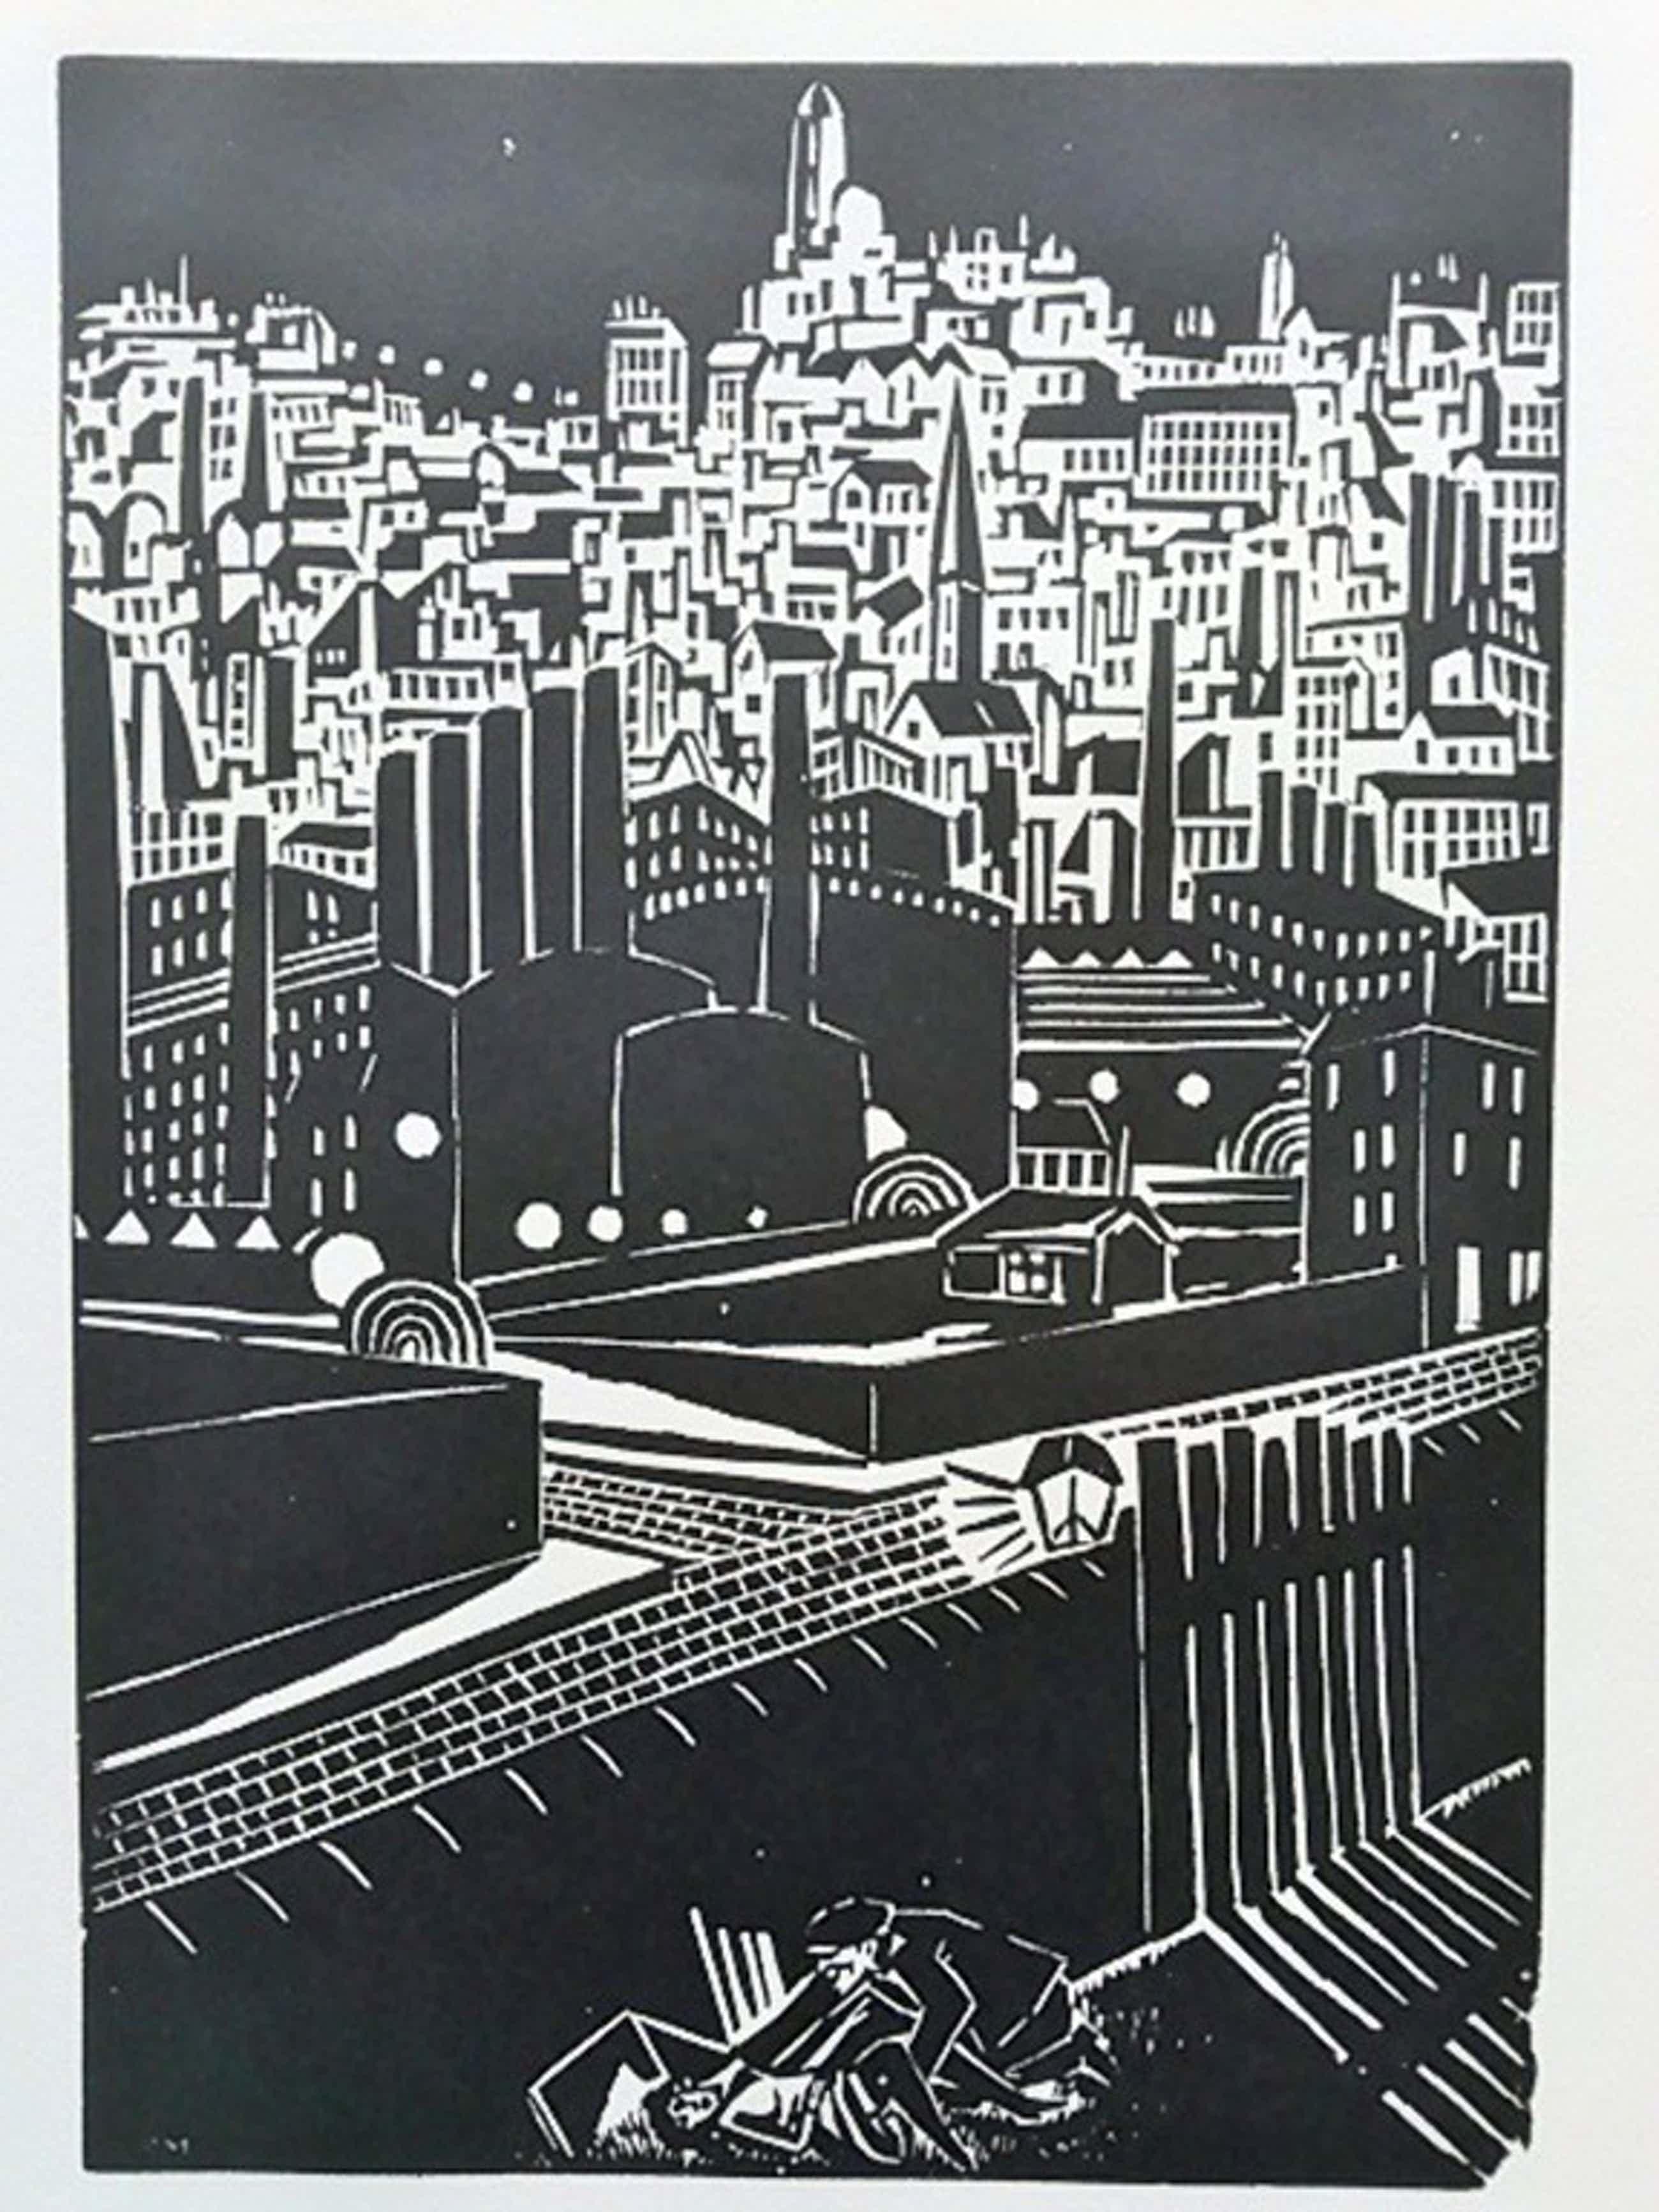 Frans Masereel, houtsnede, uit La Ville 1928 kopen? Bied vanaf 45!